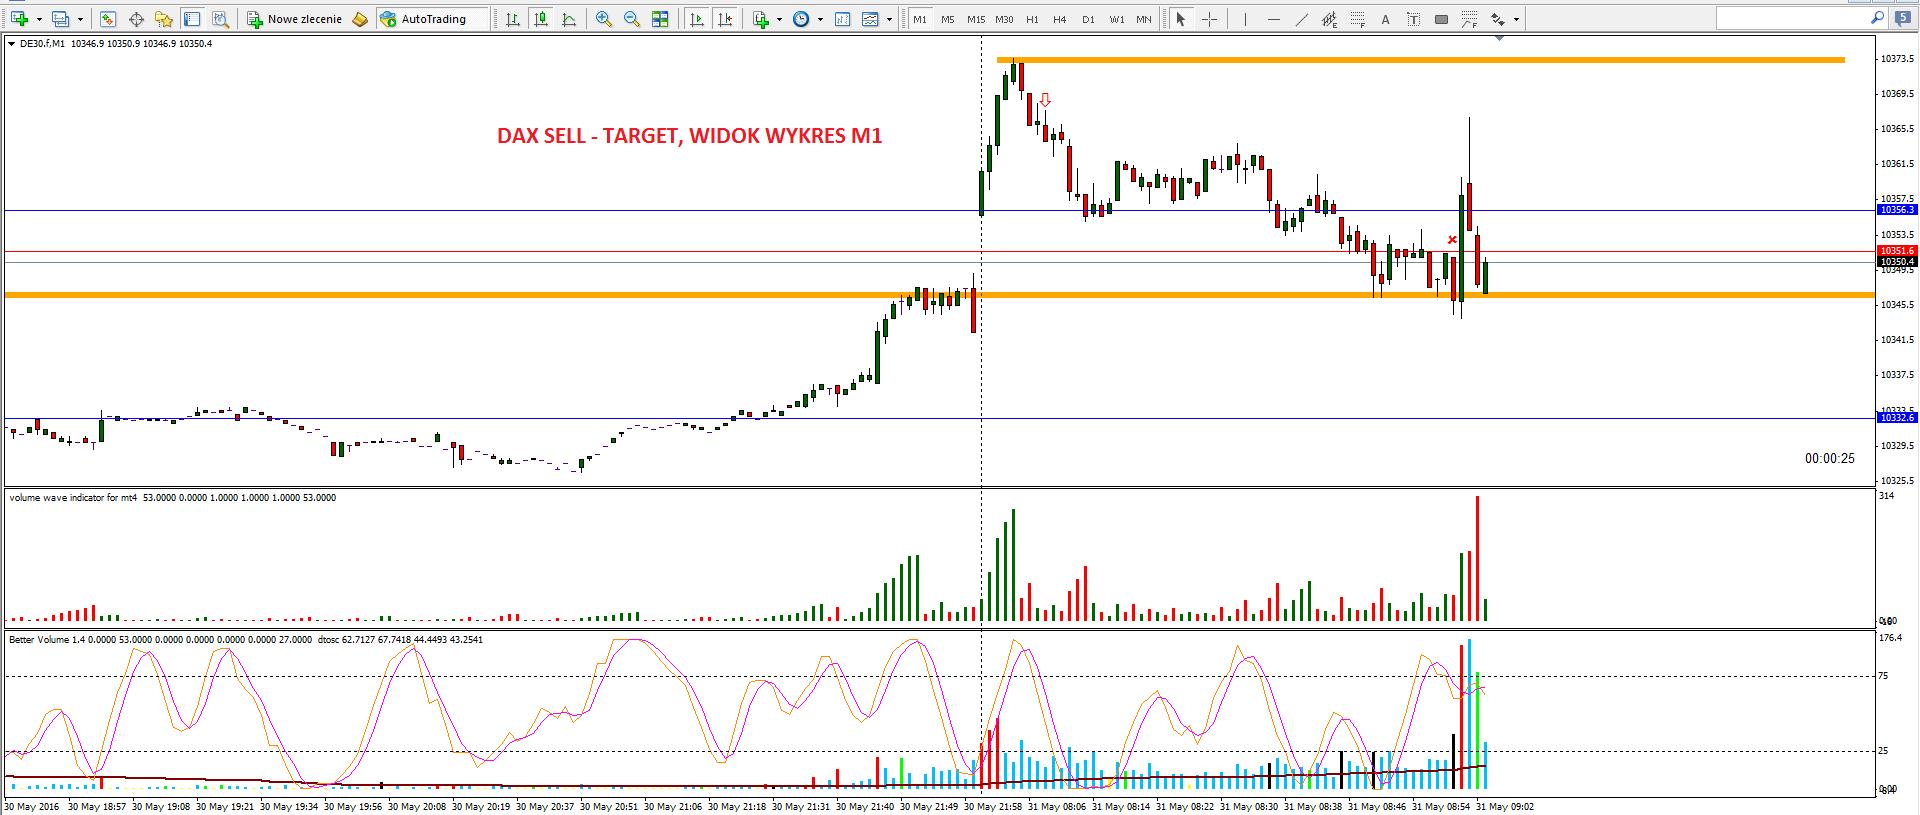 9-renko-scalping na renko-forex-skuteczna strategia-myforex-trader-trading-waluty-dax-prosta strategia tradingowa-broker-sukces-wolumen-vsa-świece japońskie-trading